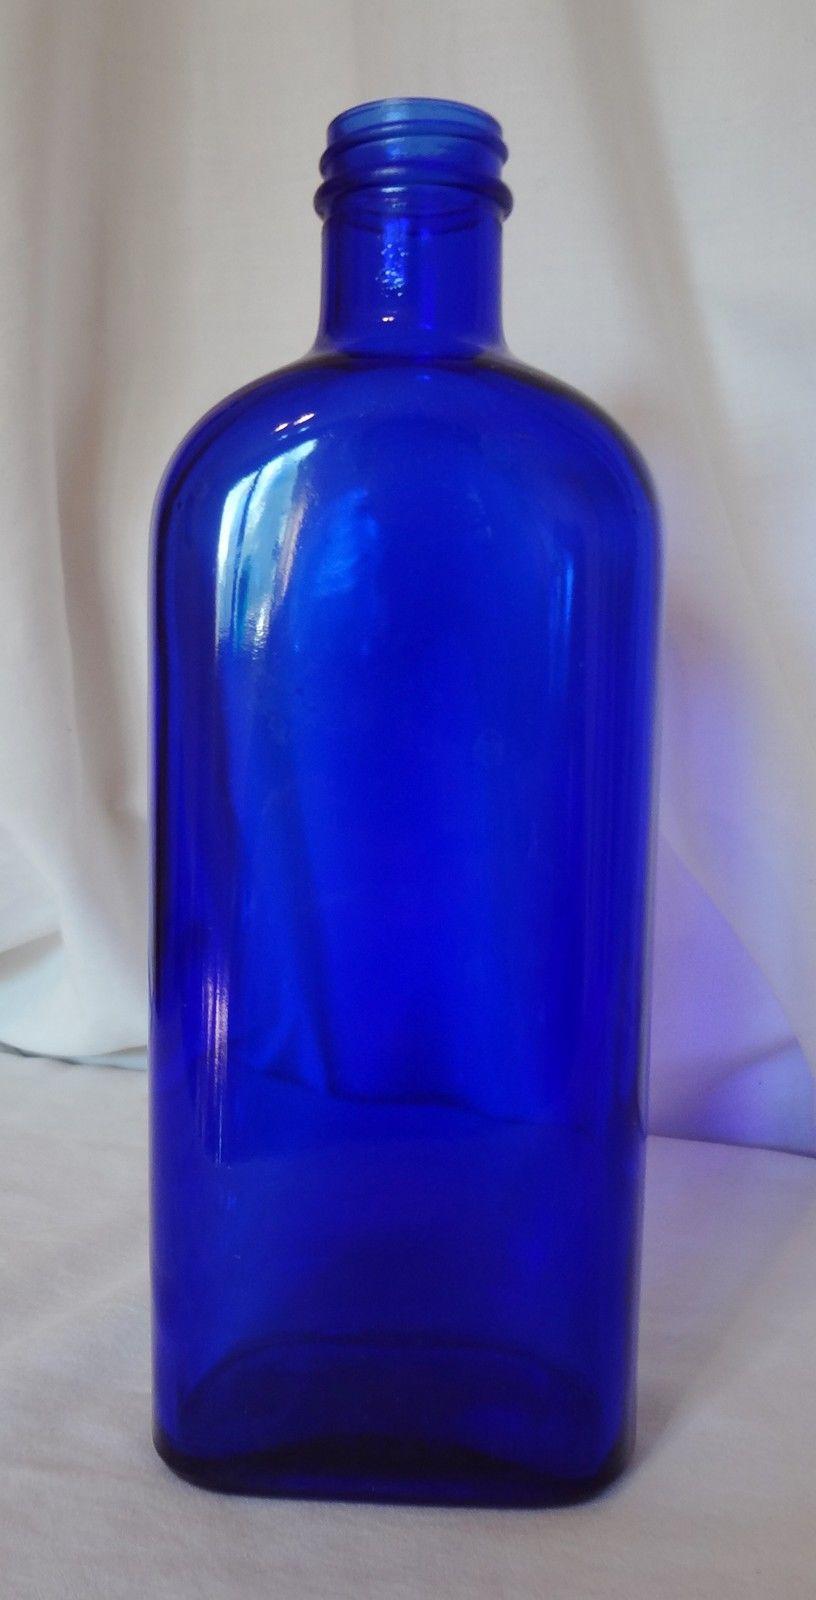 Cobalt Blue Glass Bottle Vintage Medicinal and 50 similar items